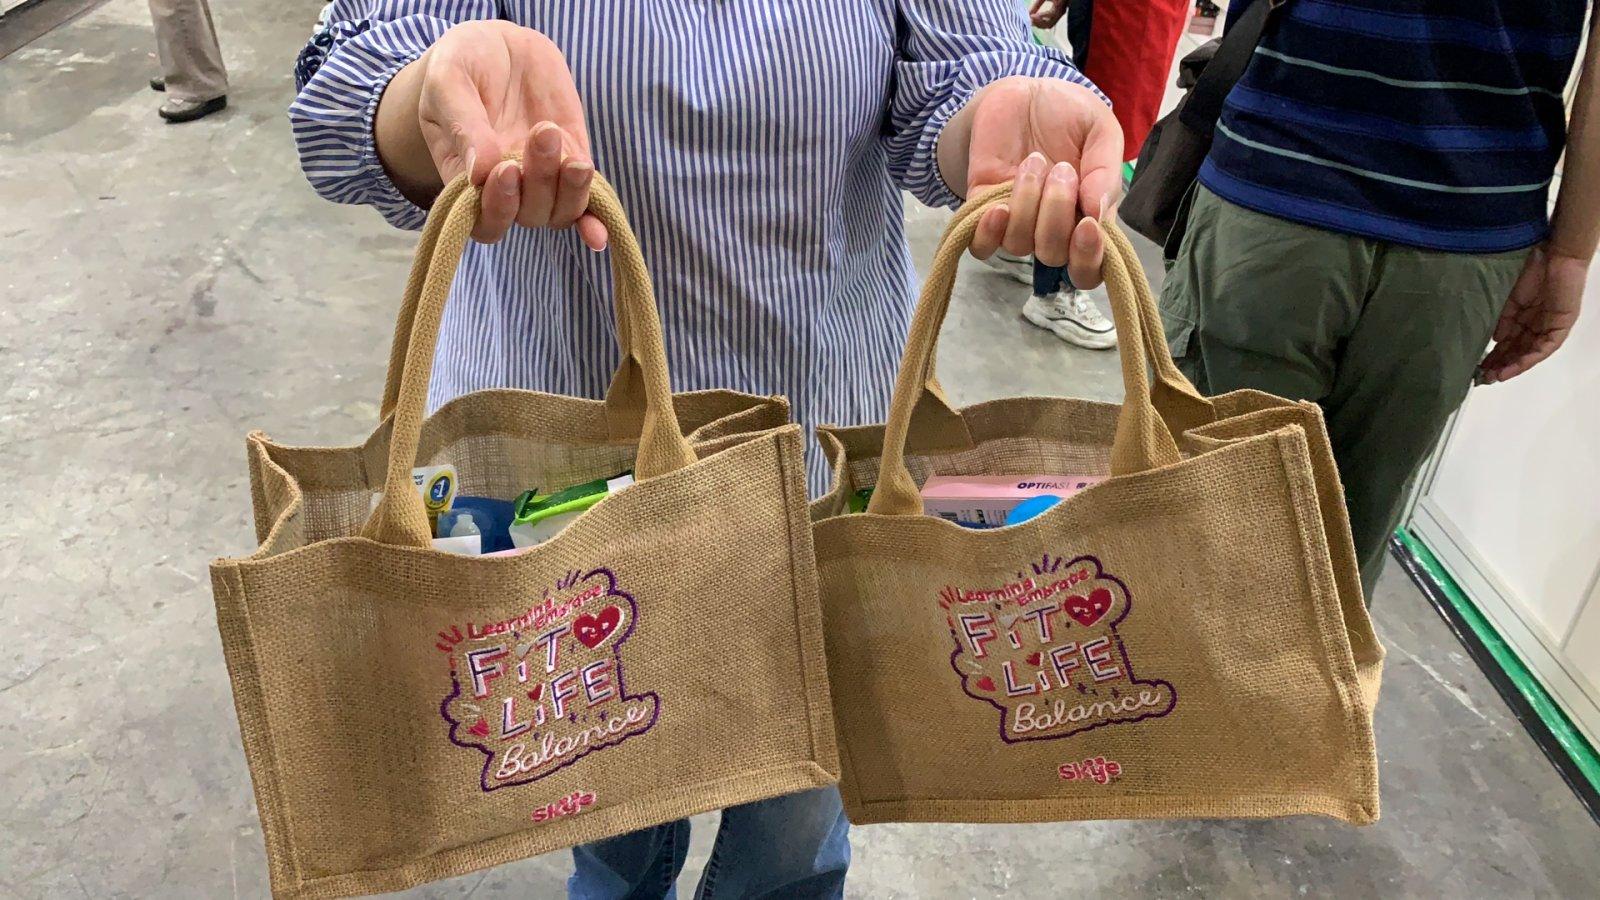 市民購買指定產品有福袋送。(記者黃思鴻攝)